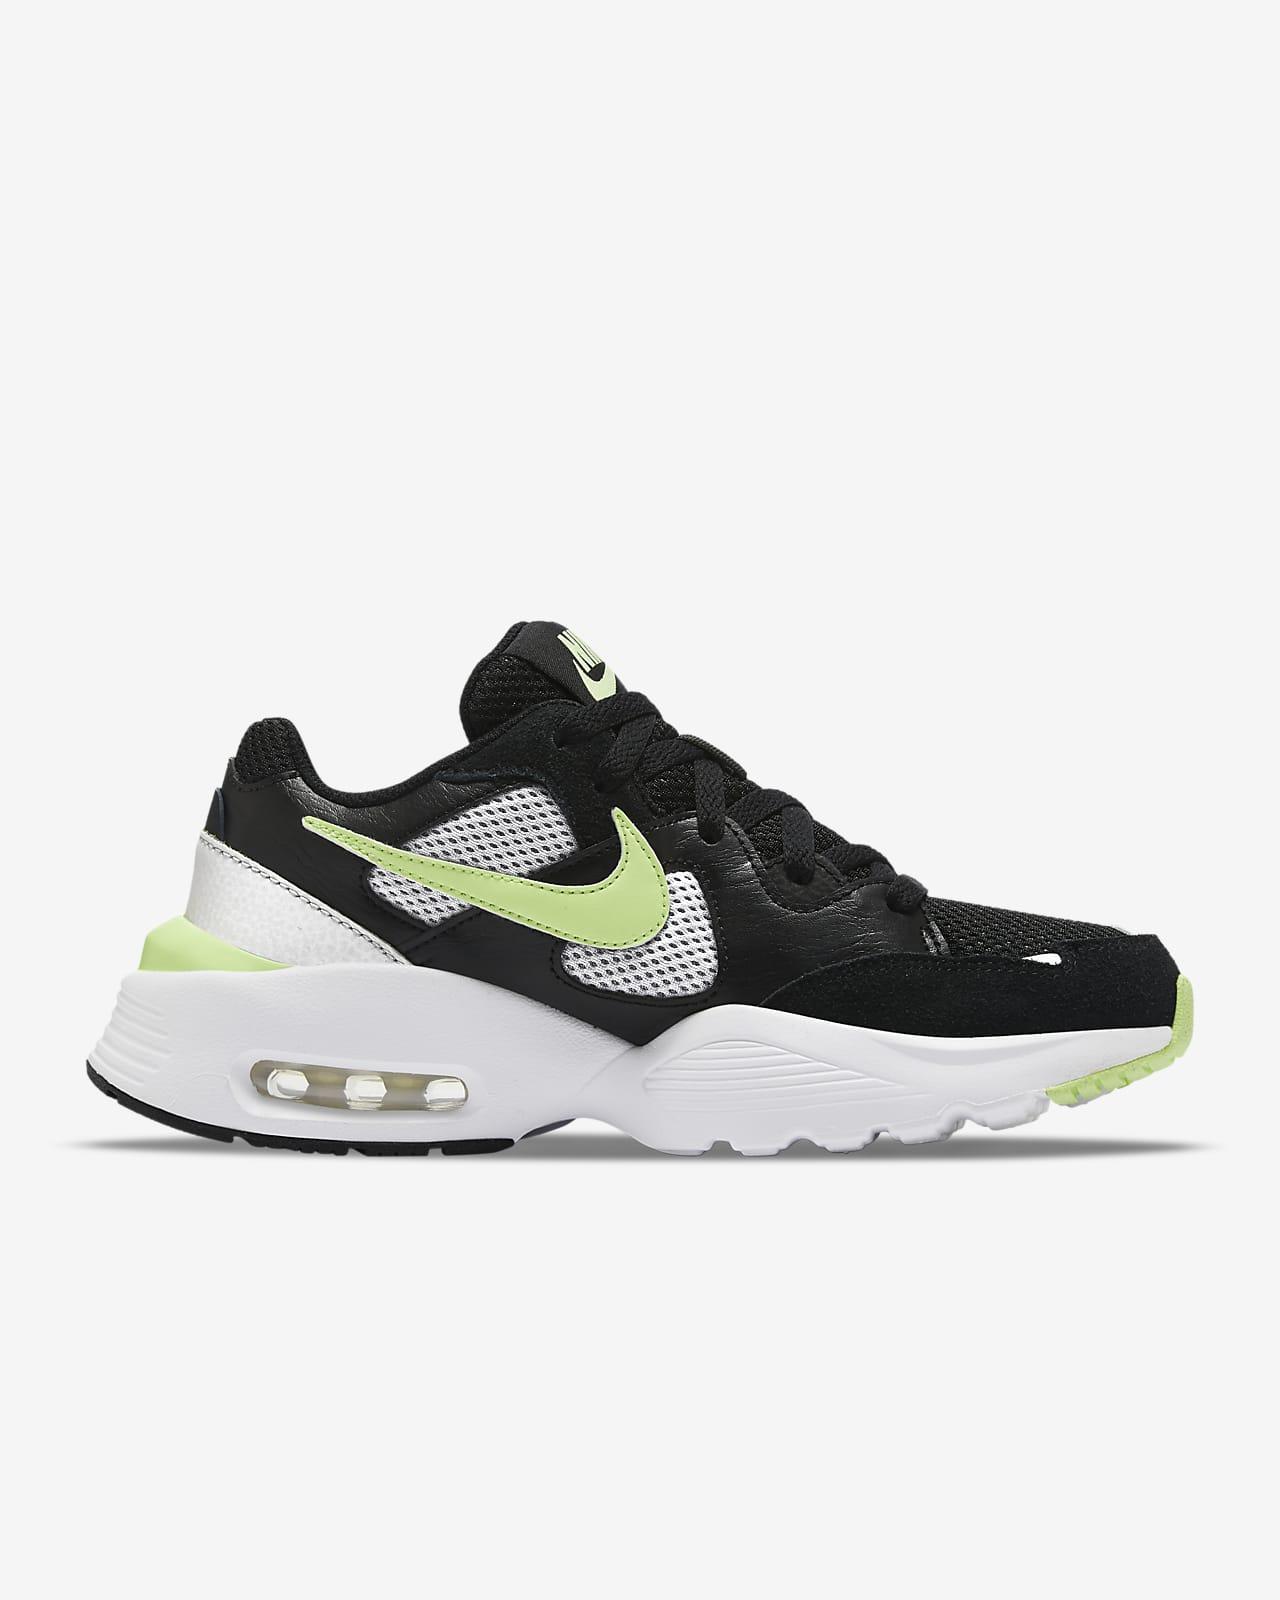 Nike Air Max Fusion Women's Shoe